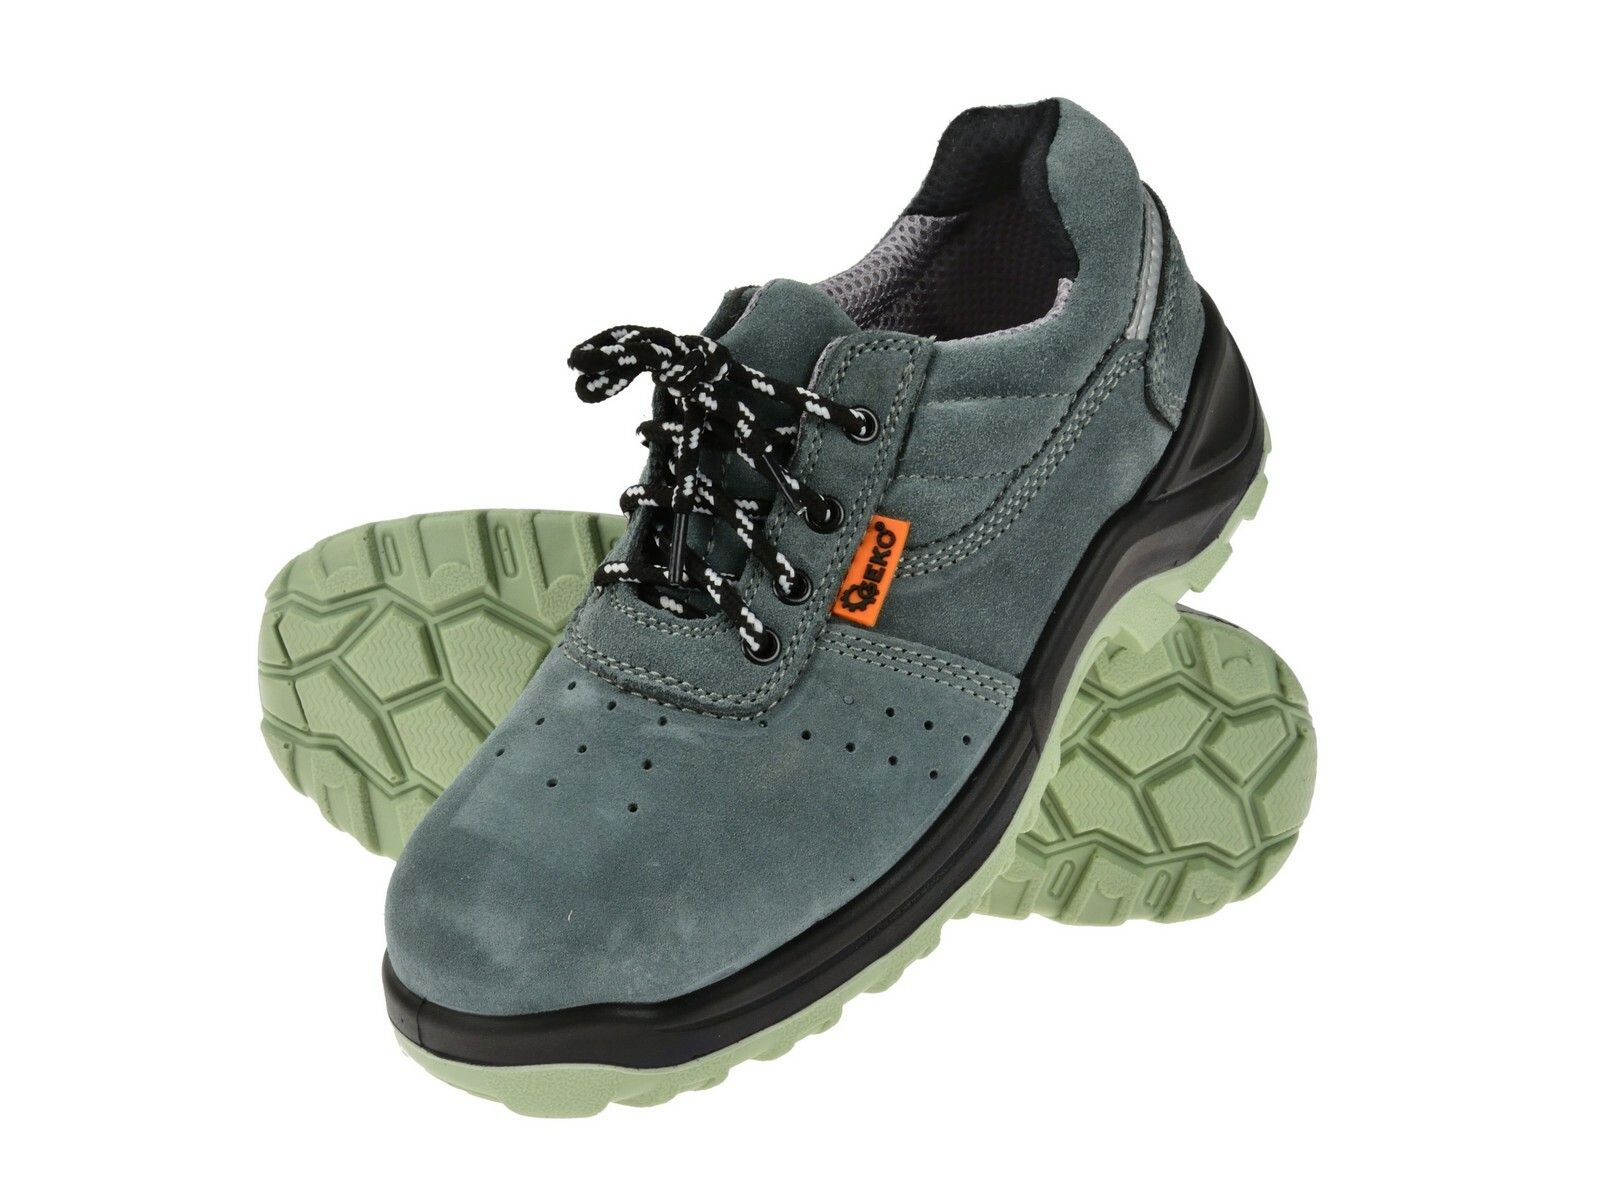 Ochranná pracovní obuv model č. 4 velikost 44 GEKO